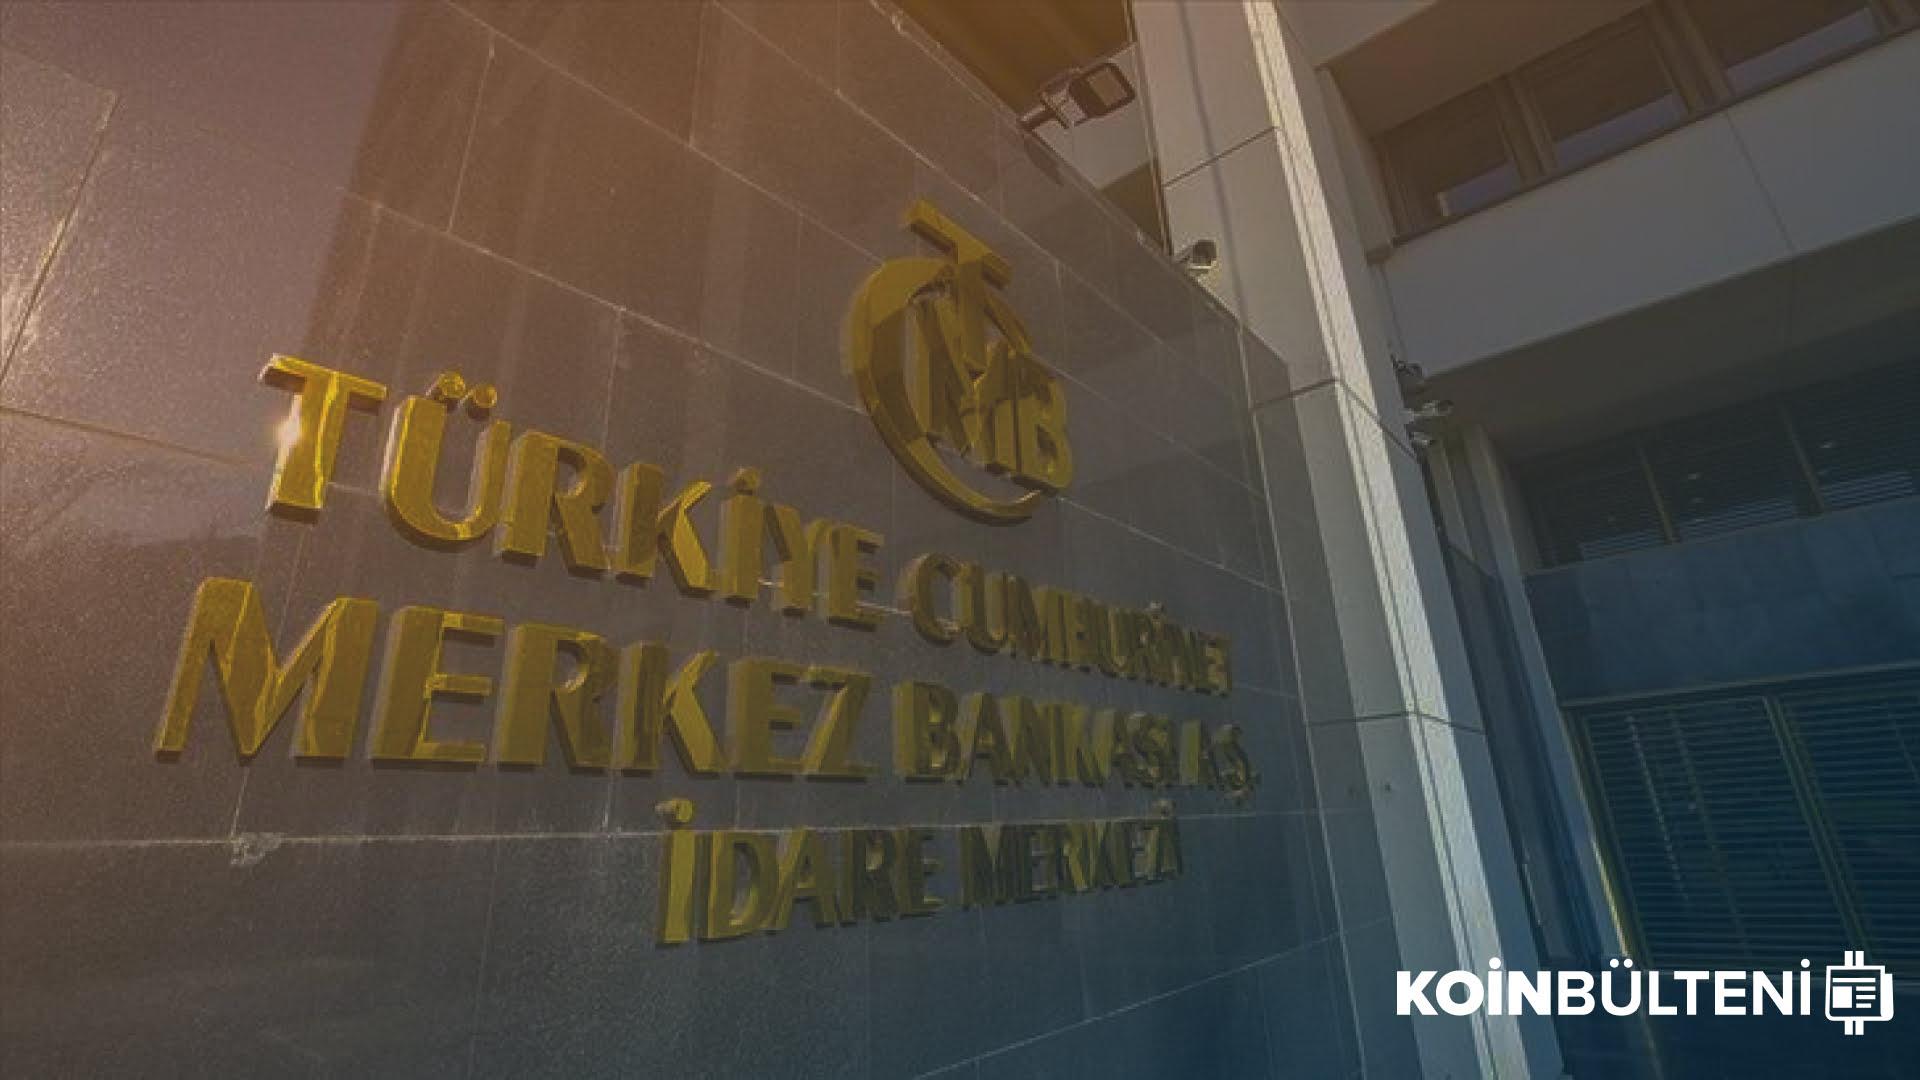 tcmb-turkiye-merkez-bankasi-ppk-toplanti-dolar-doviz-lira-turk